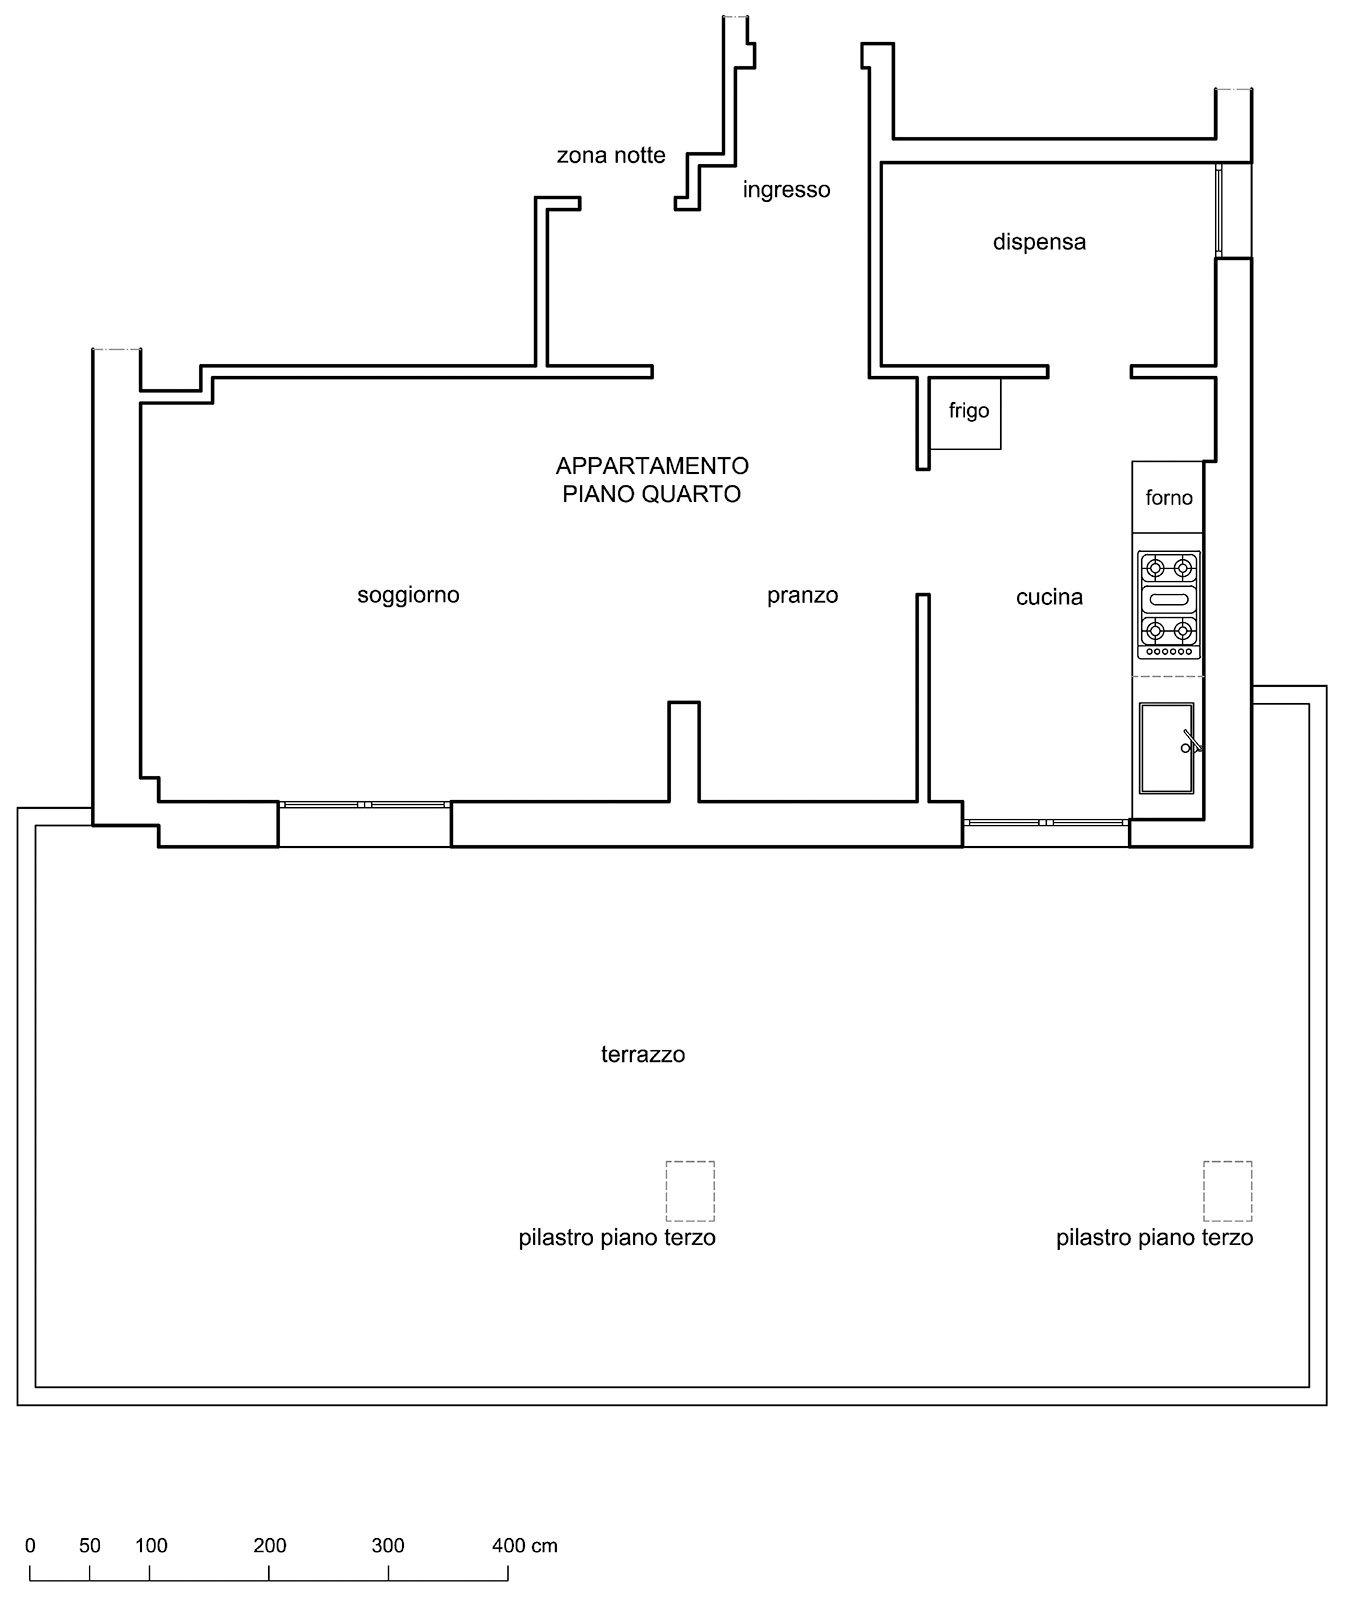 2architetto cucina terrazzo pianta cose di casa - Cucina sul terrazzo ...